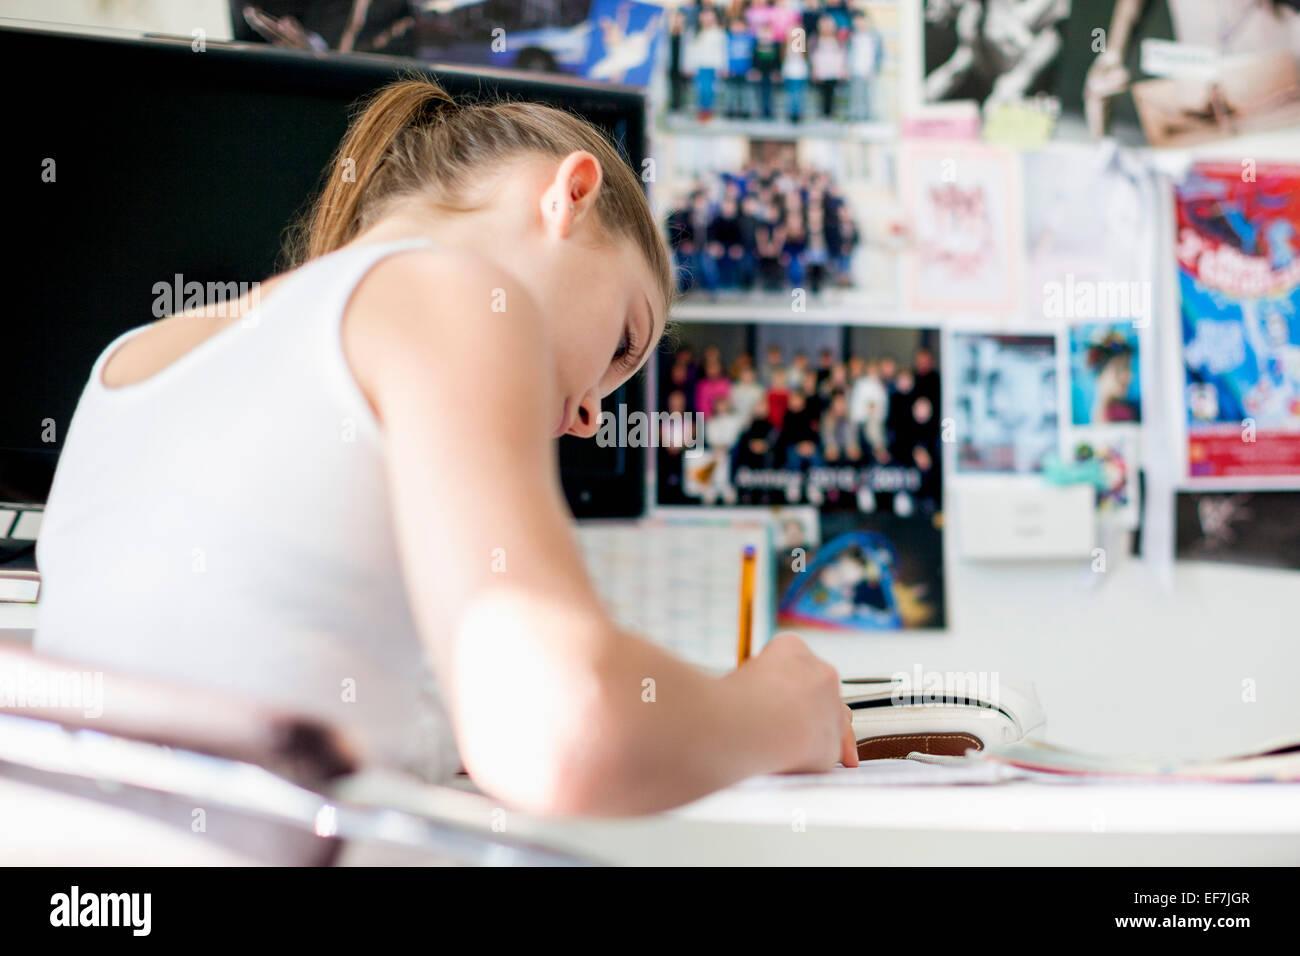 Mädchen lernen zu Hause Stockbild